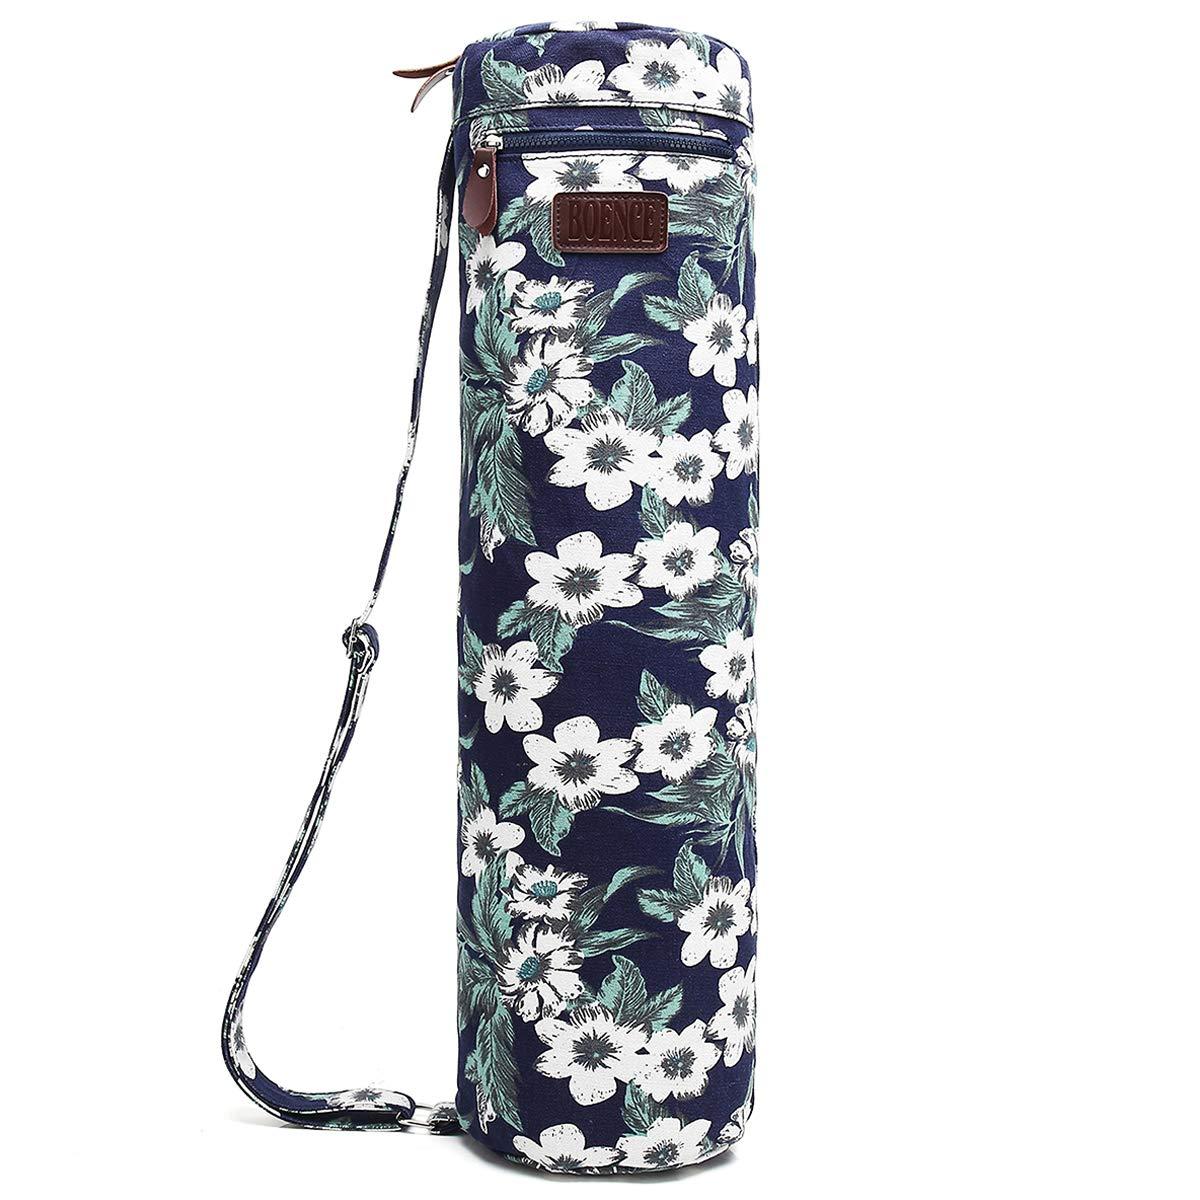 Boence Yogamatten Tasche, Vollständig Reißverschluss Übung Yoga Matte Handtasche mit stabil Segeltuch Glatt Reißverschluss einstellbar Tragegurt Großer Vielseitiger verwendter Beutel